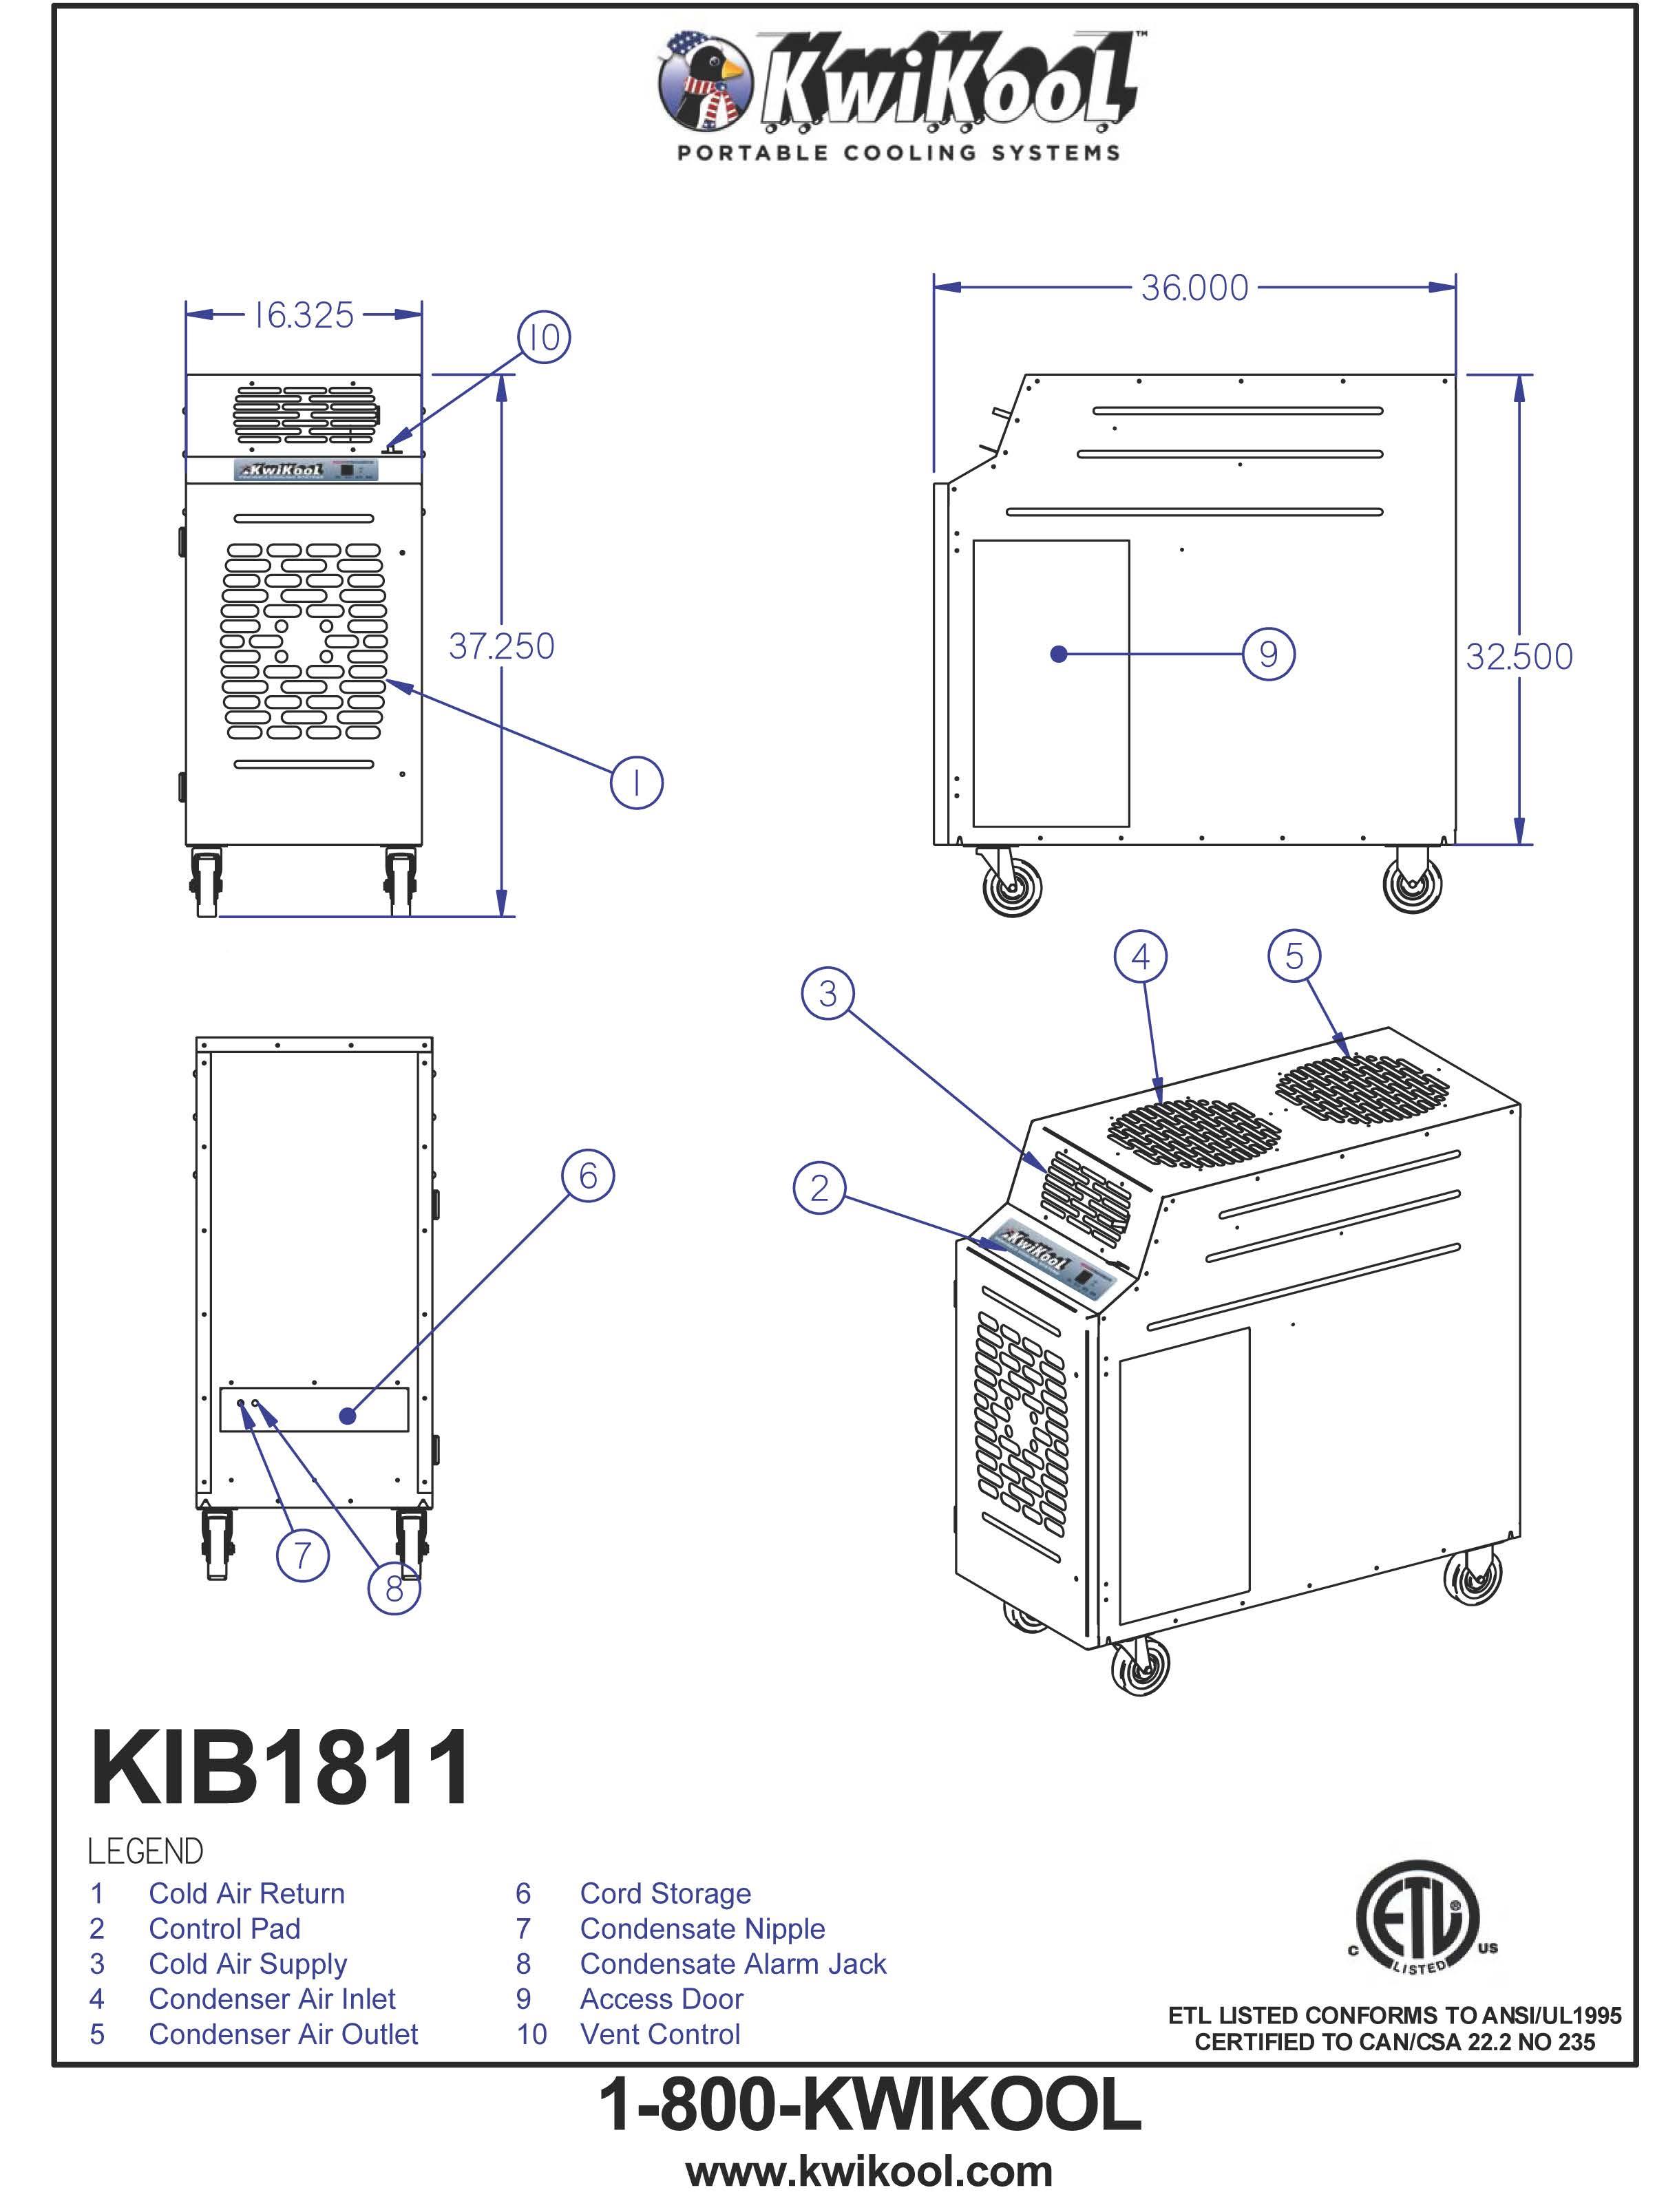 kib1811